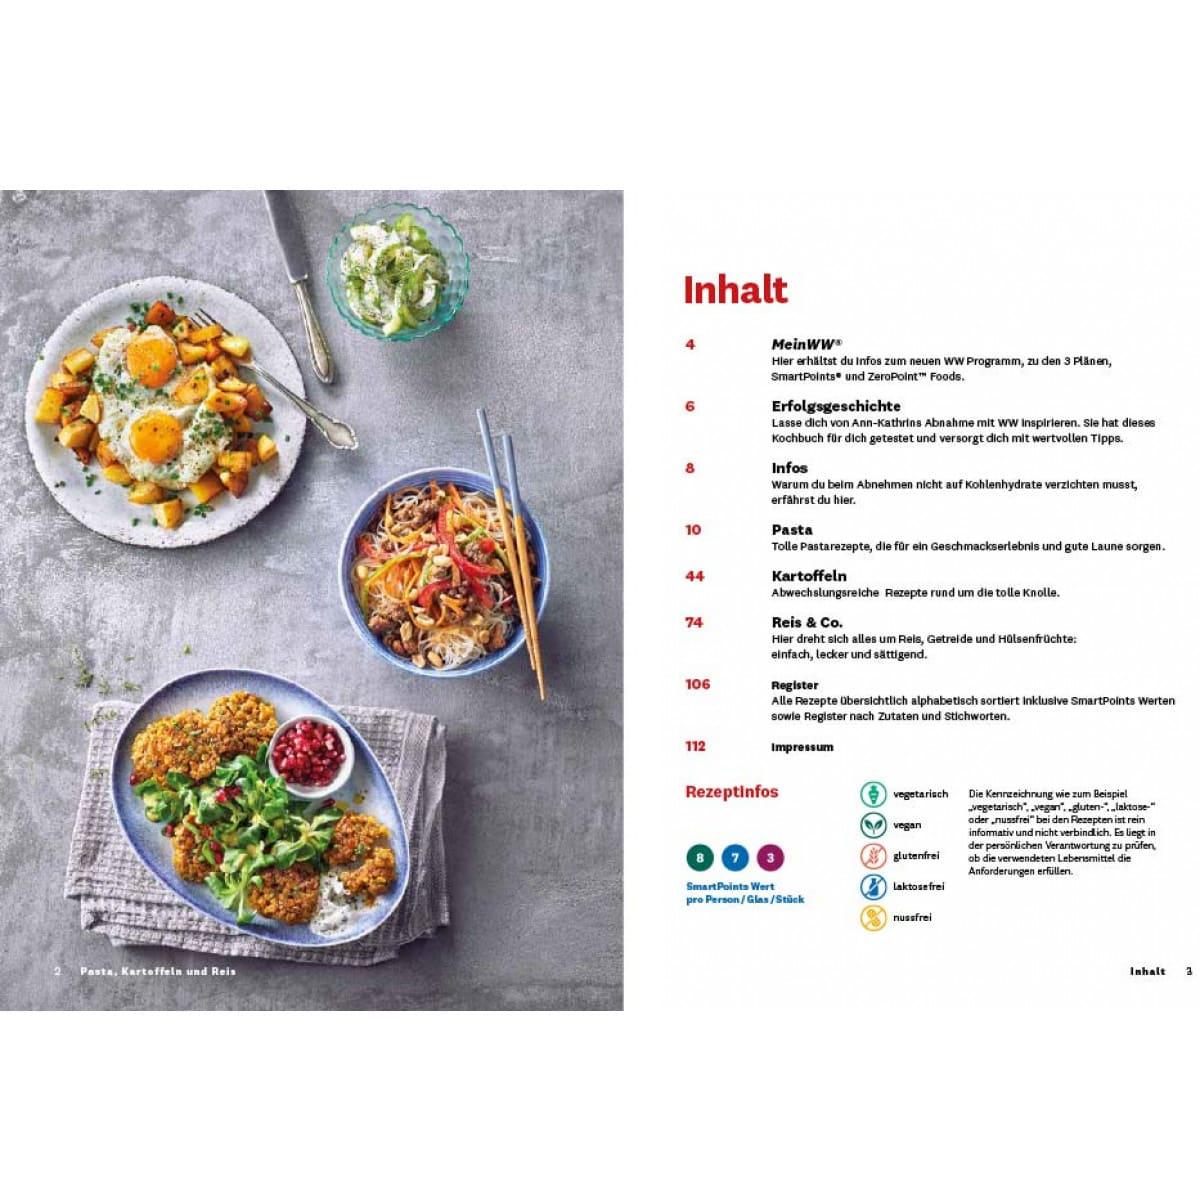 WW Kochbuch Pasta, Kartoffeln und Reis (56 Rezepte) 4